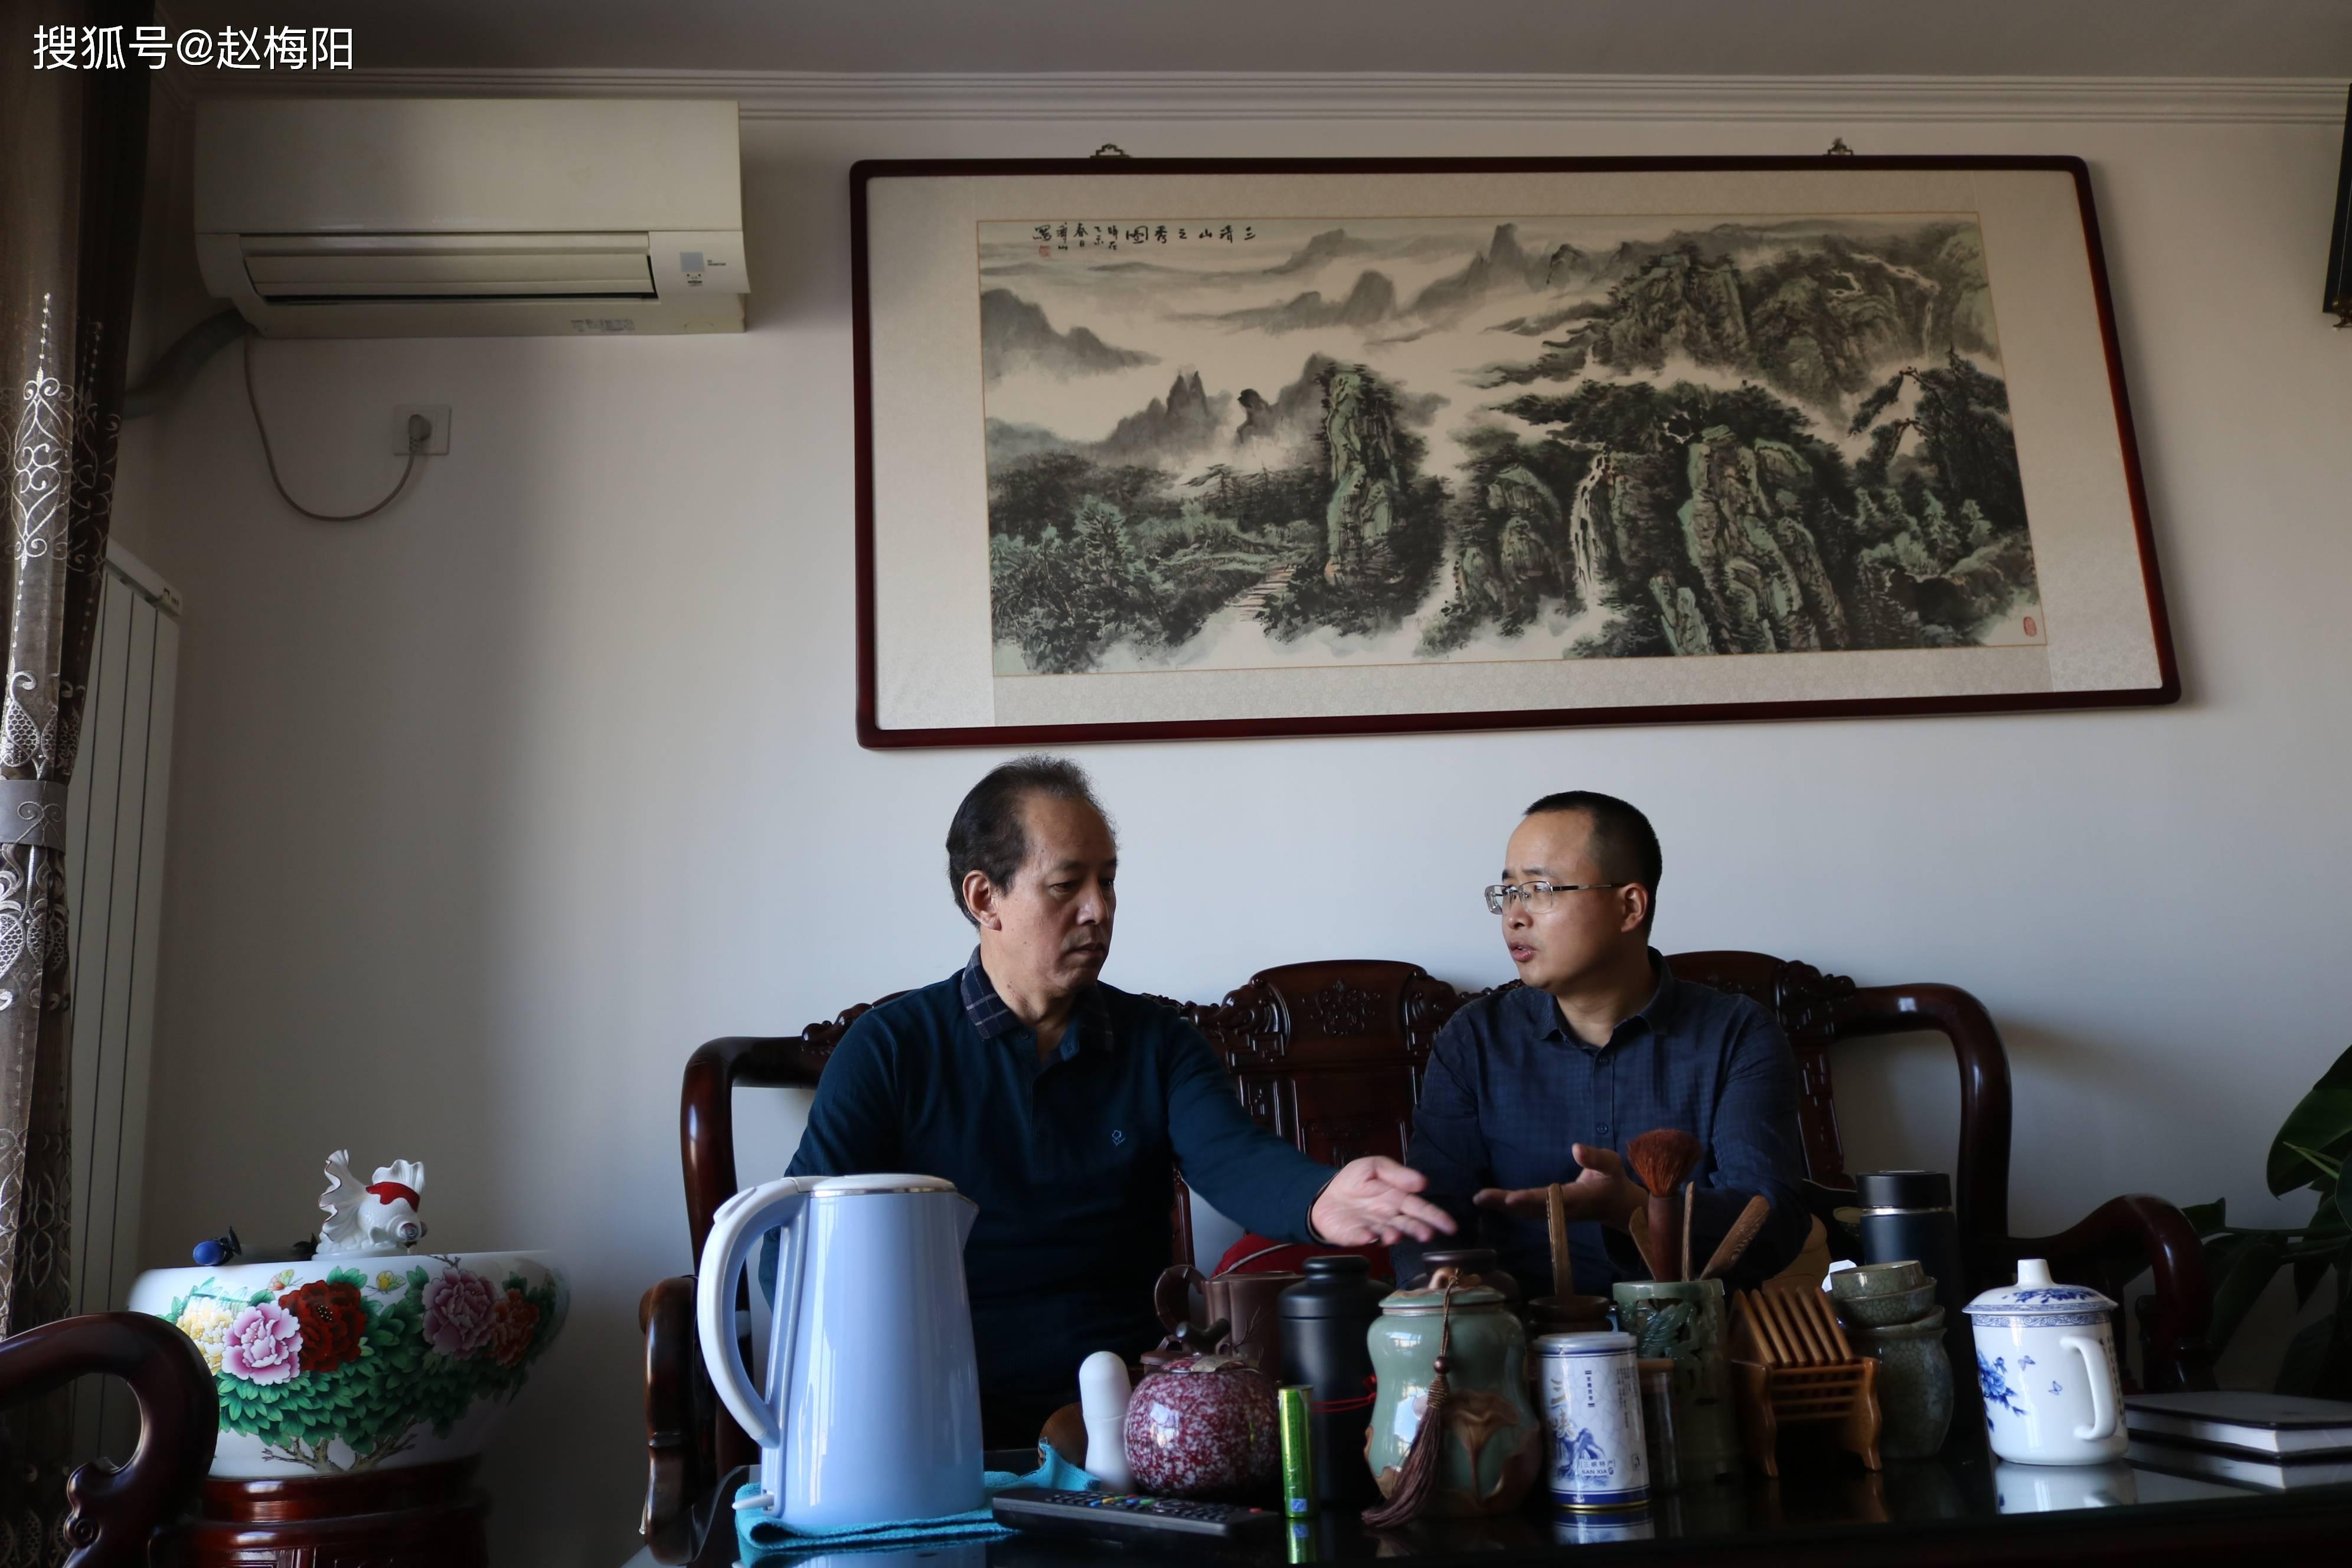 赵梅阳:江波——福慧双修(2021年01月10日)